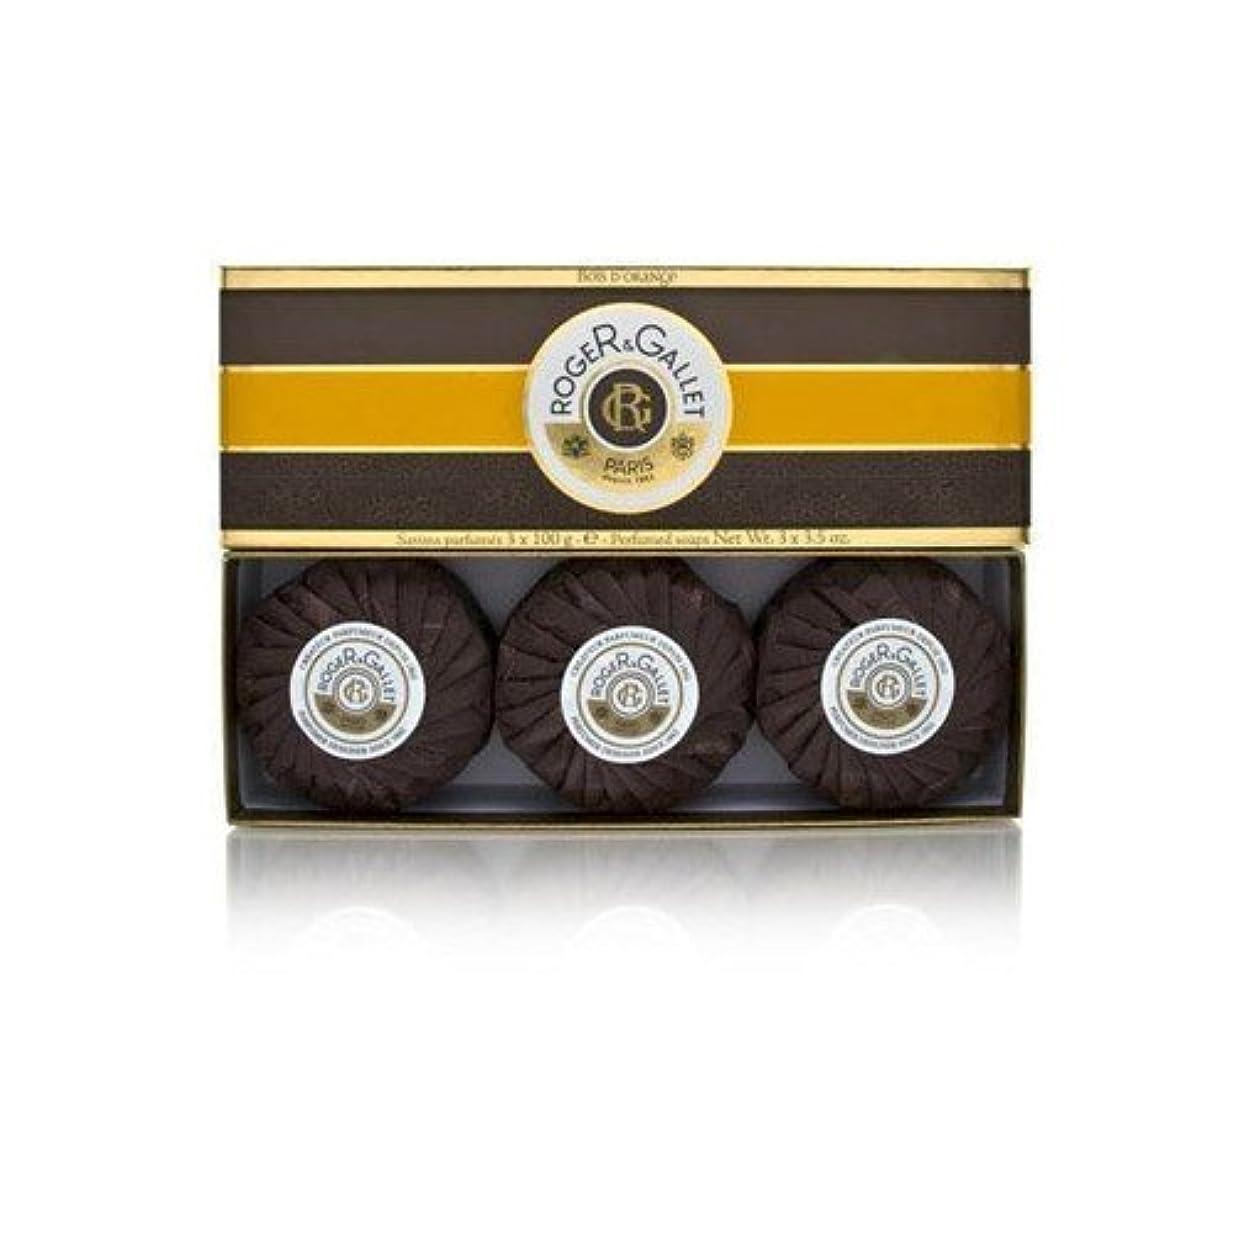 宣伝退院ごちそうロジェガレ ボワ ドランジュ (オレンジツリー) 香水石鹸3個セット ROGER&GALLET BOIS D'ORANGE PERFUMED SOAP [0161]